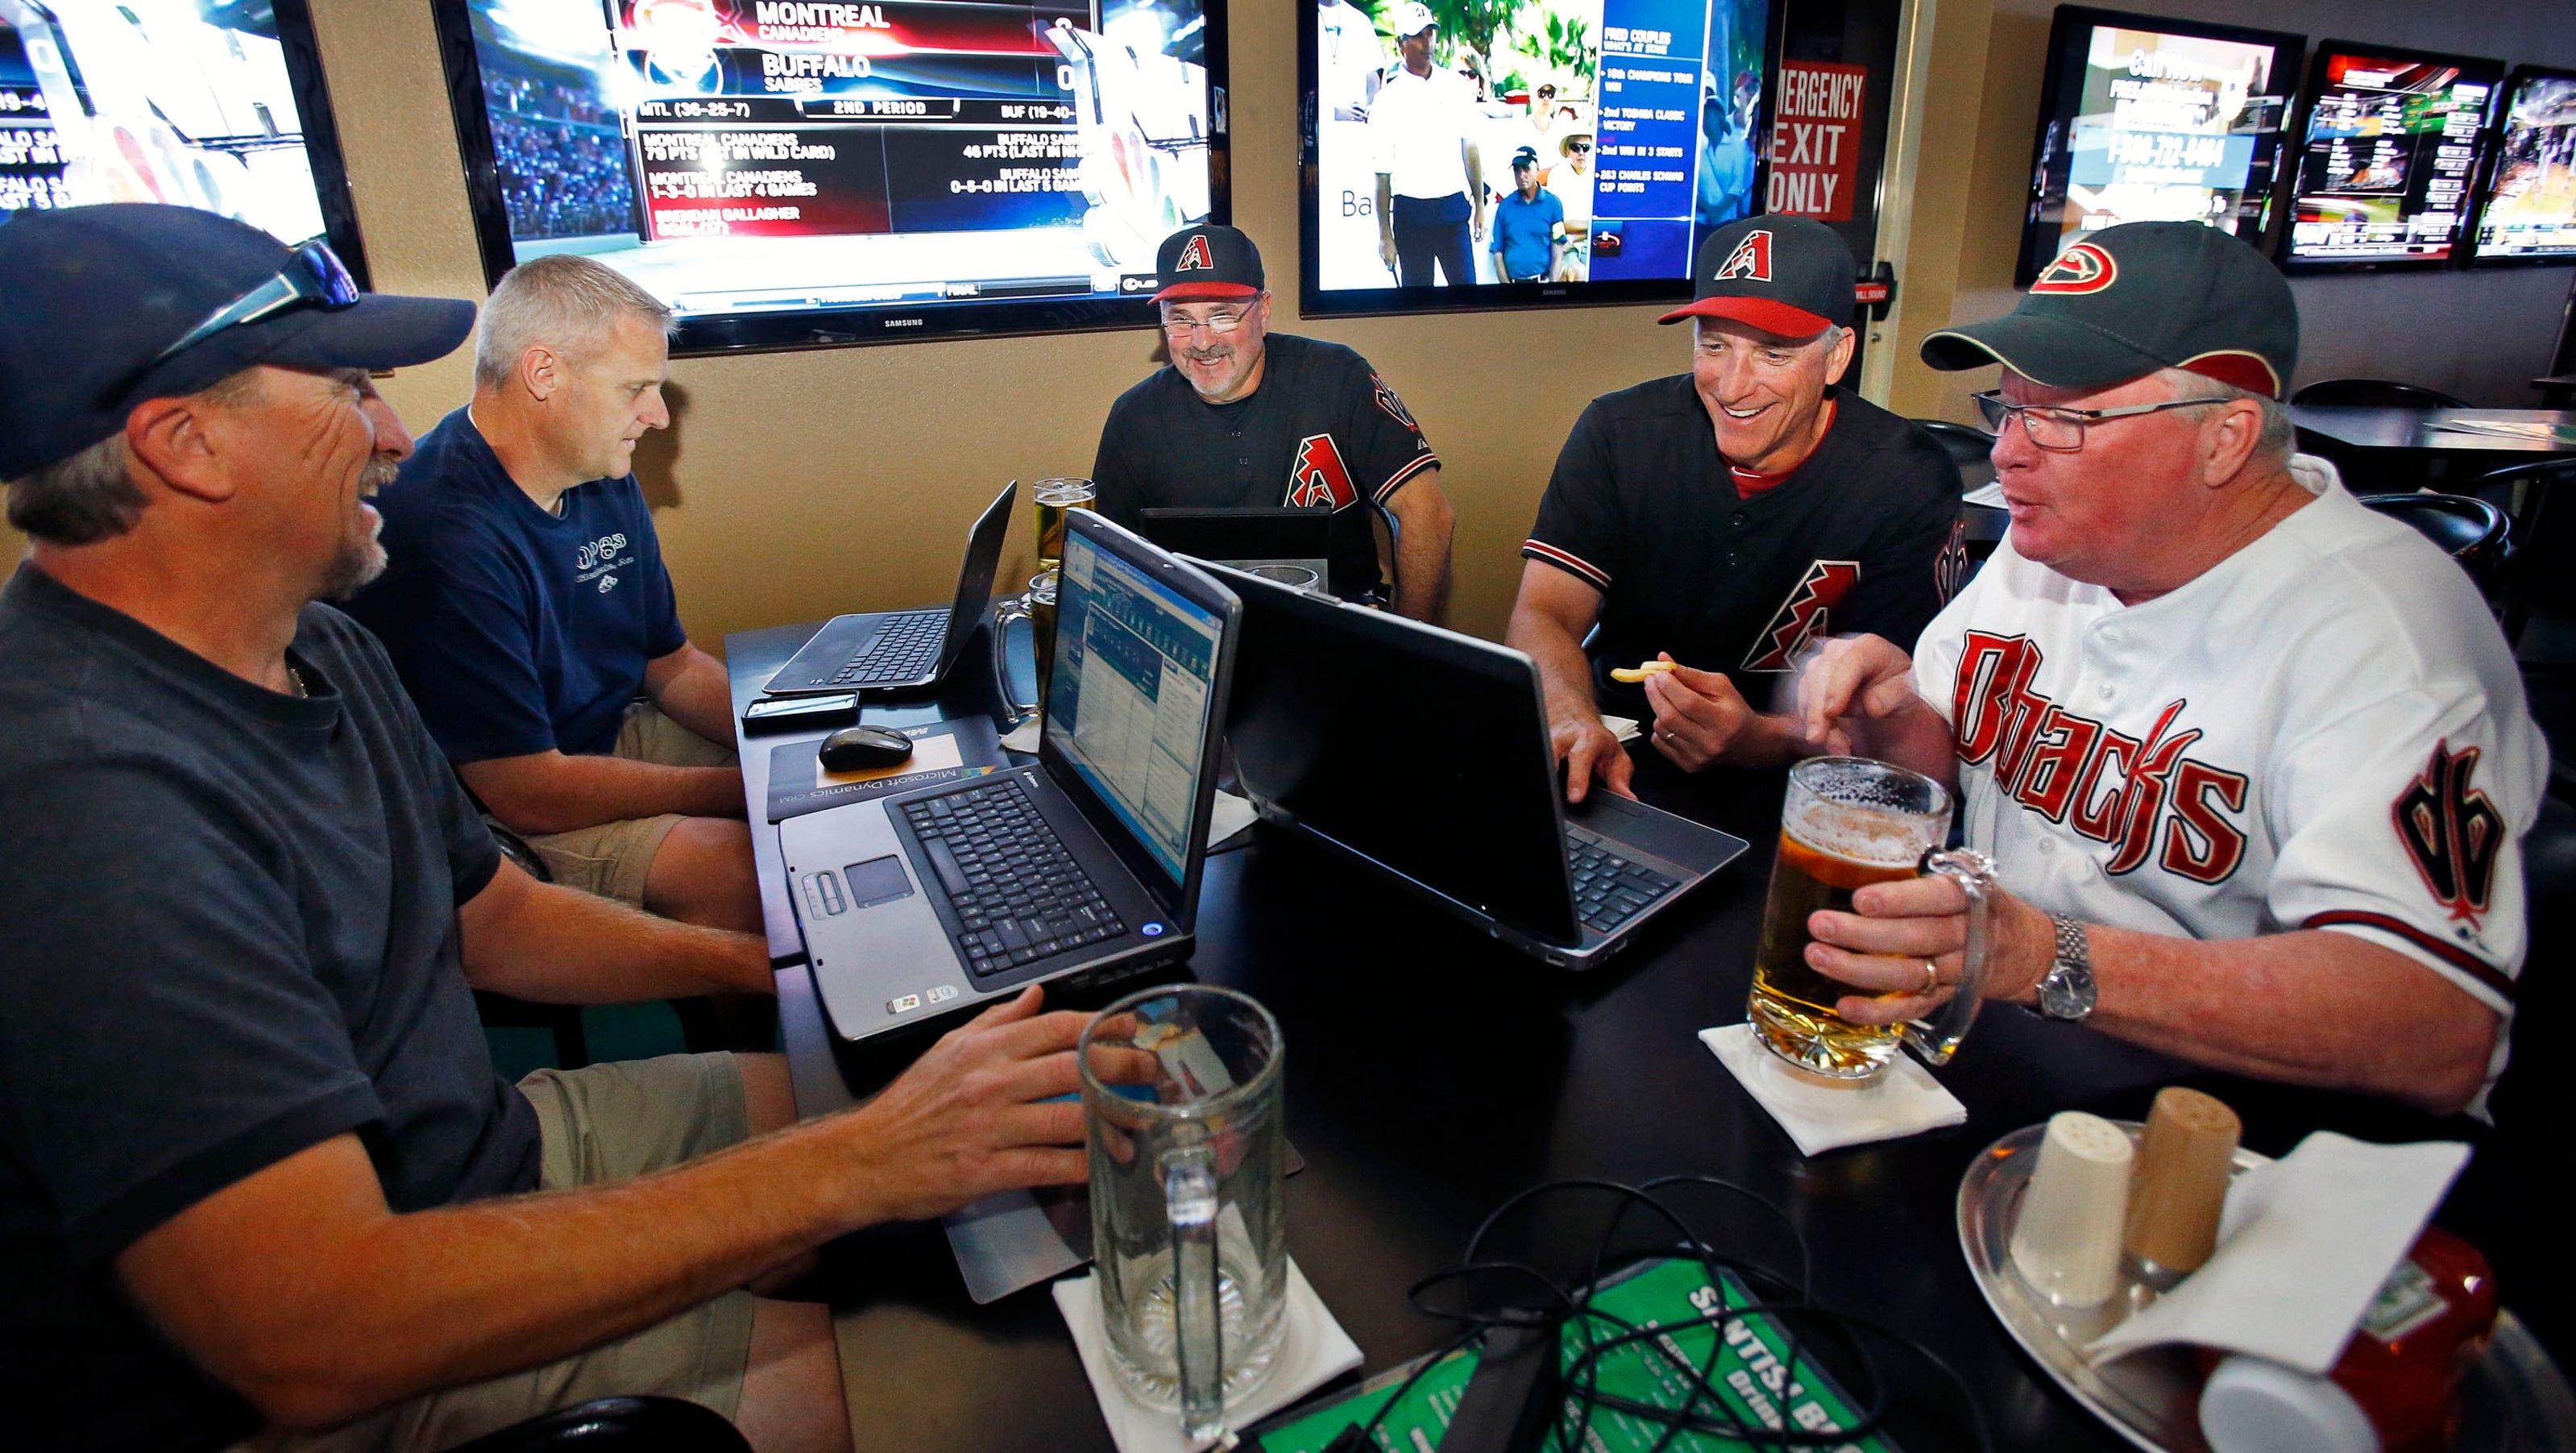 Utah Online Gambling, Casinos and Legal Statutes